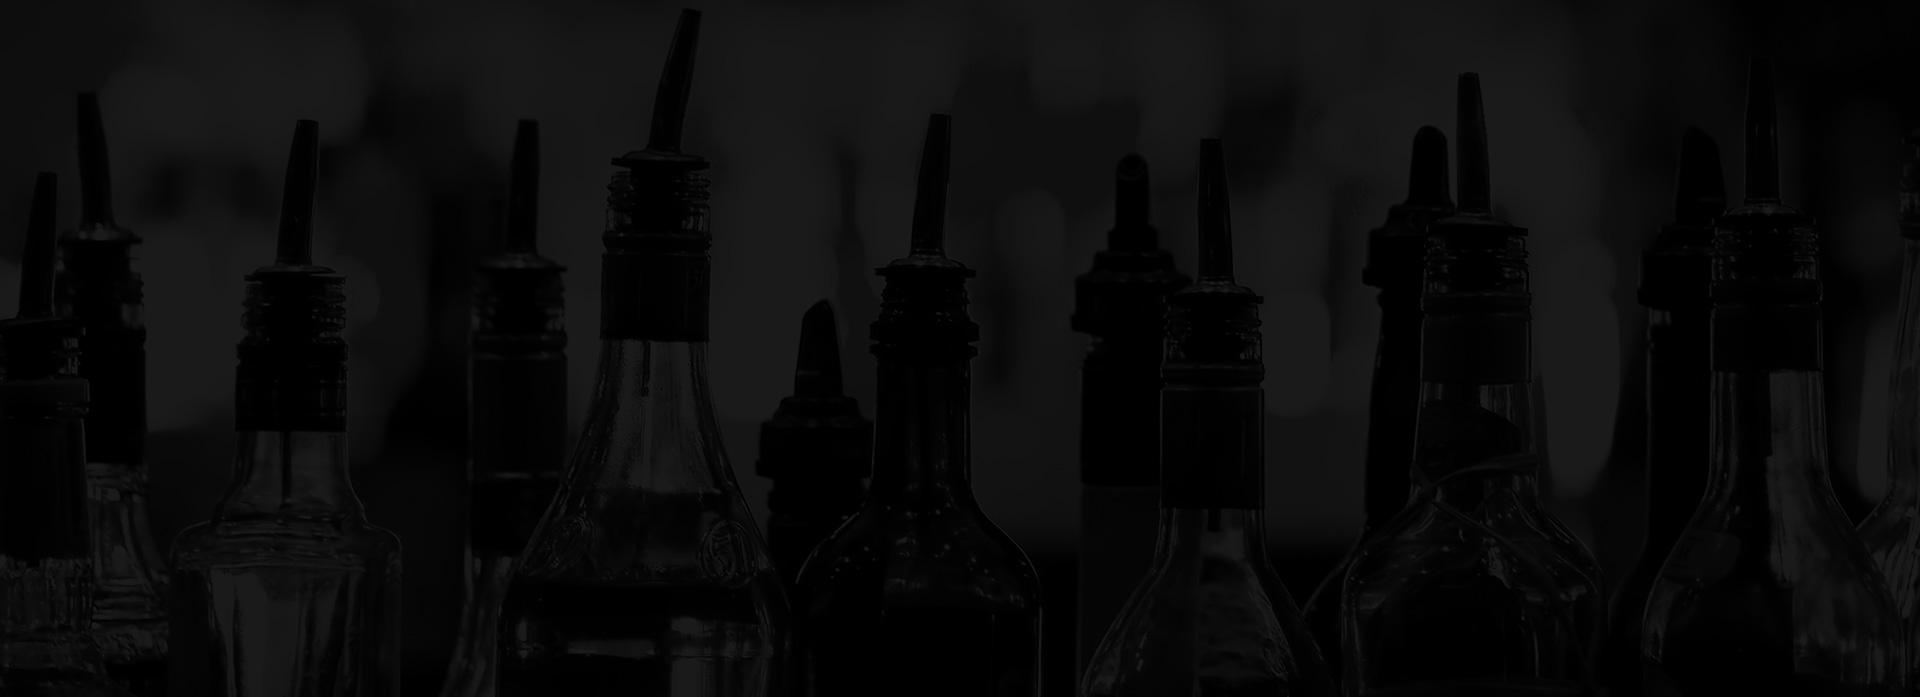 night-bar-bd3